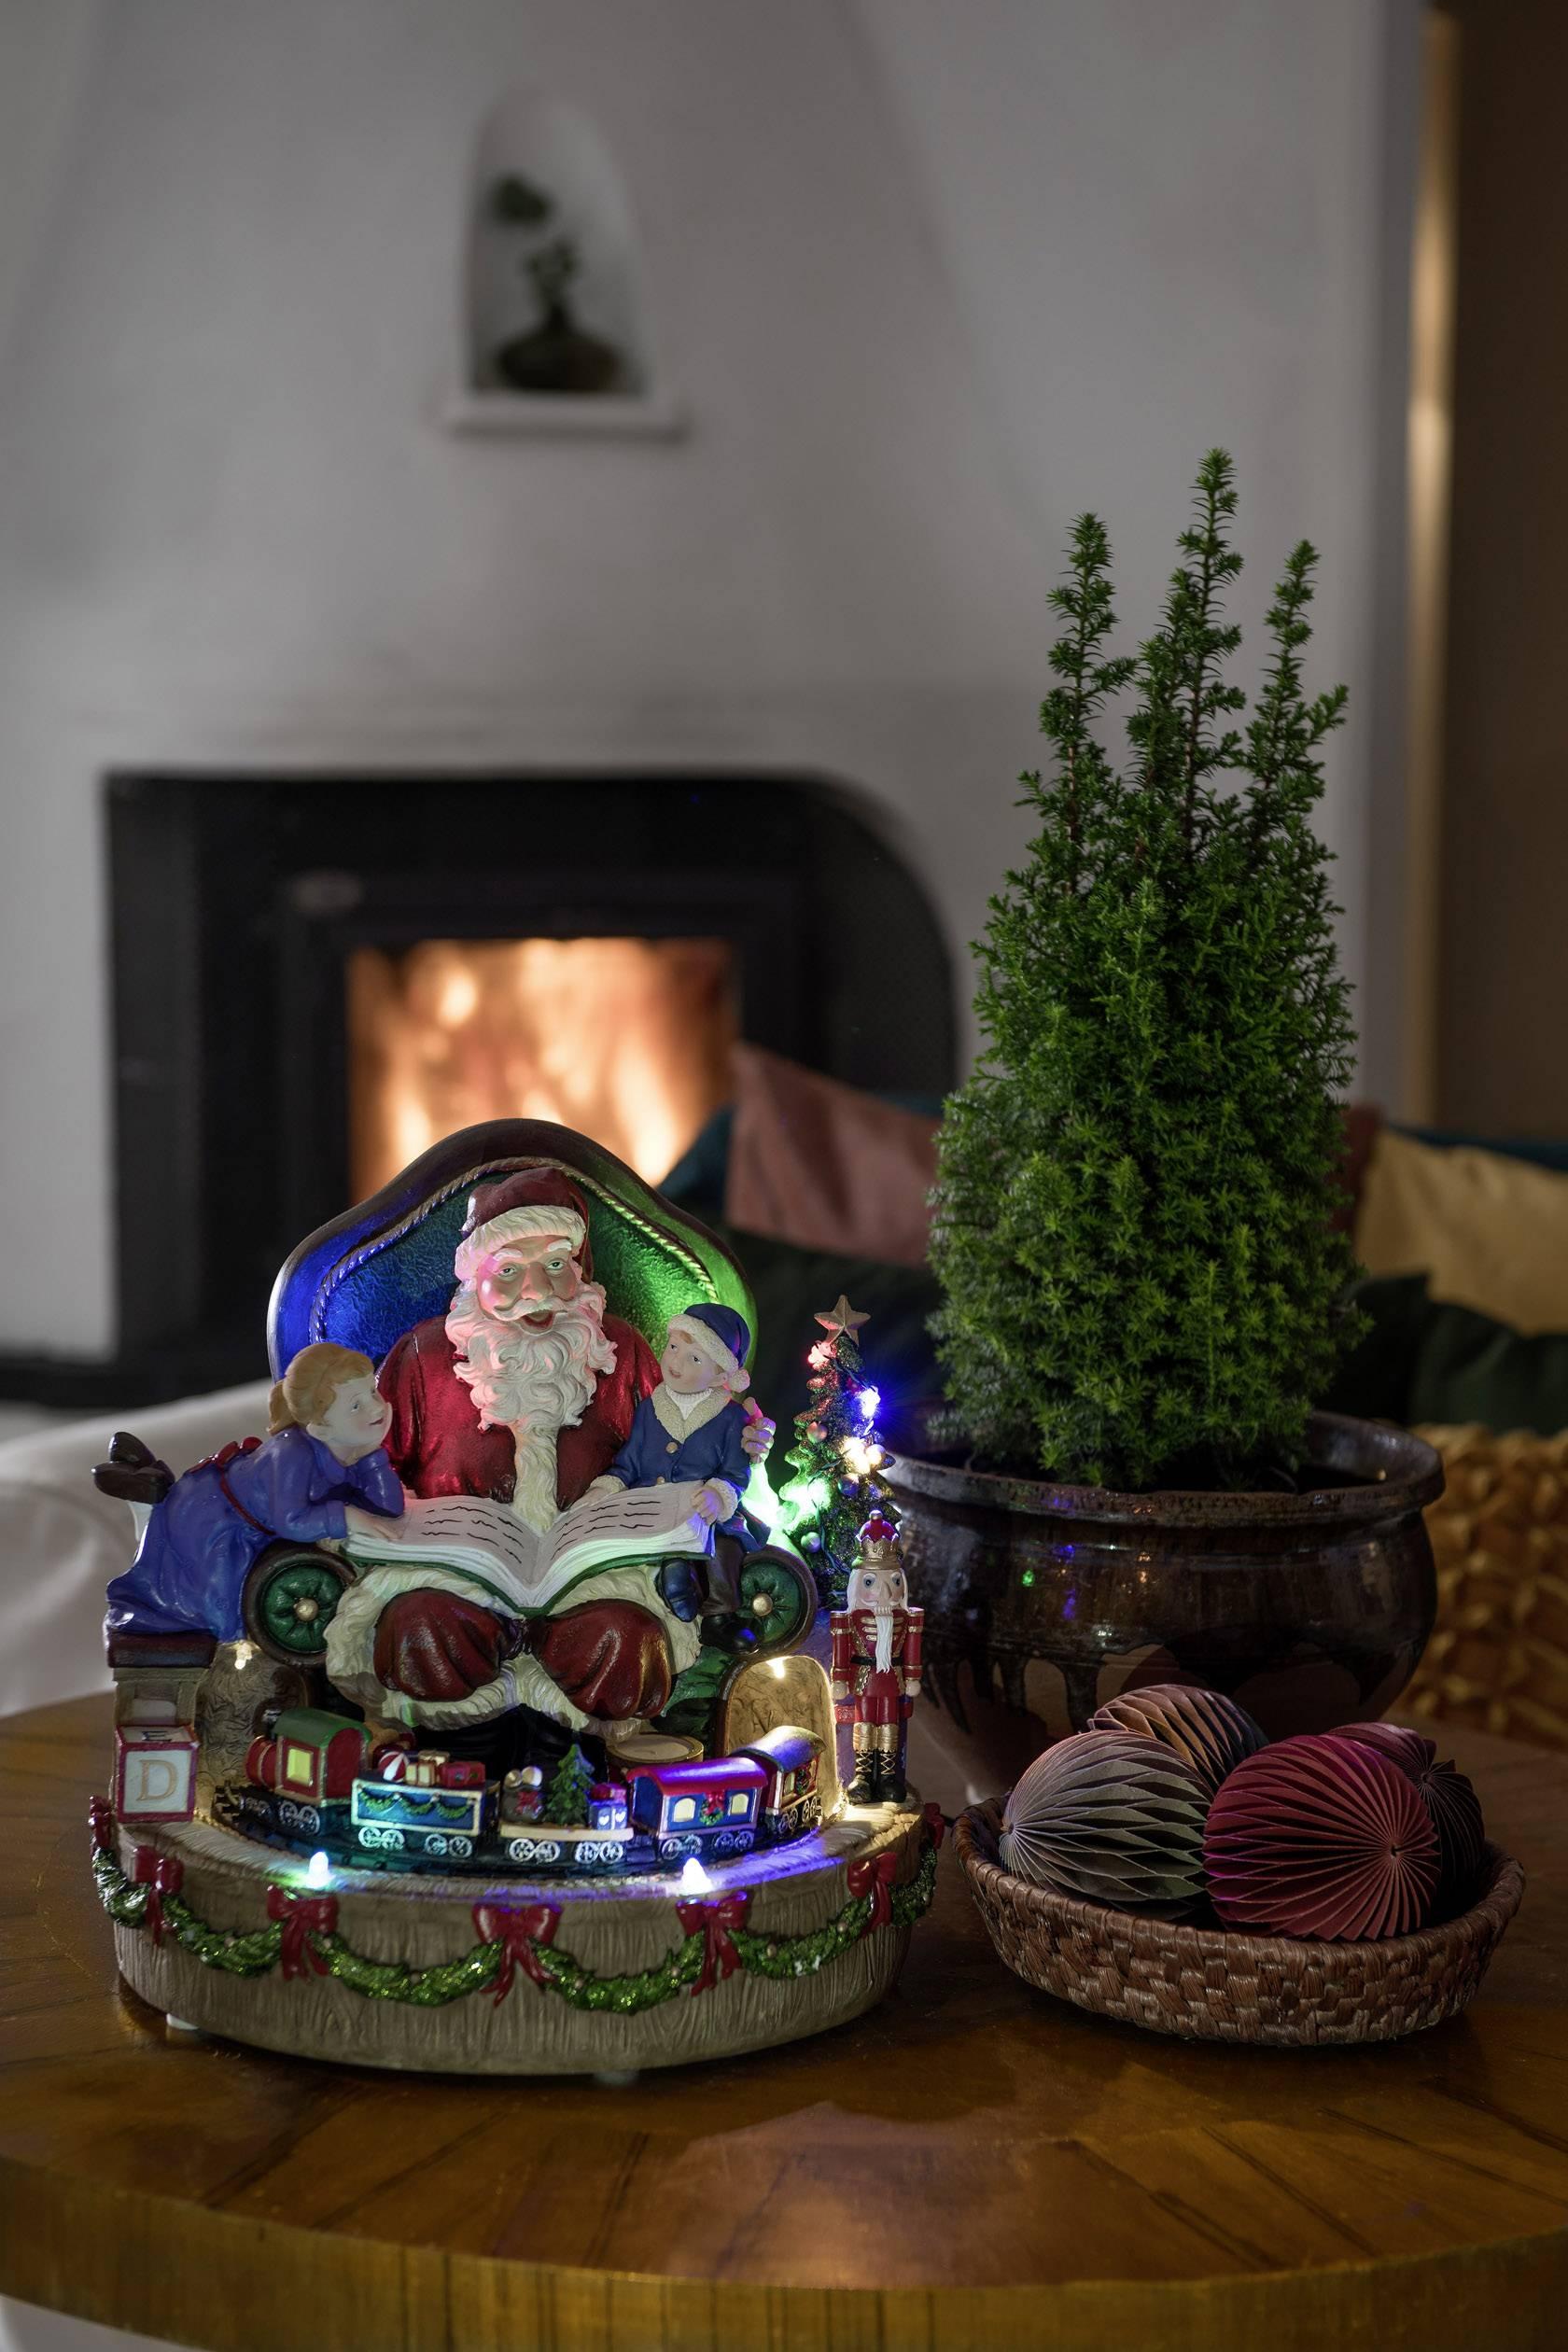 LED obraz krajiny Santa Claus Konstsmide 4215-000 4215-000